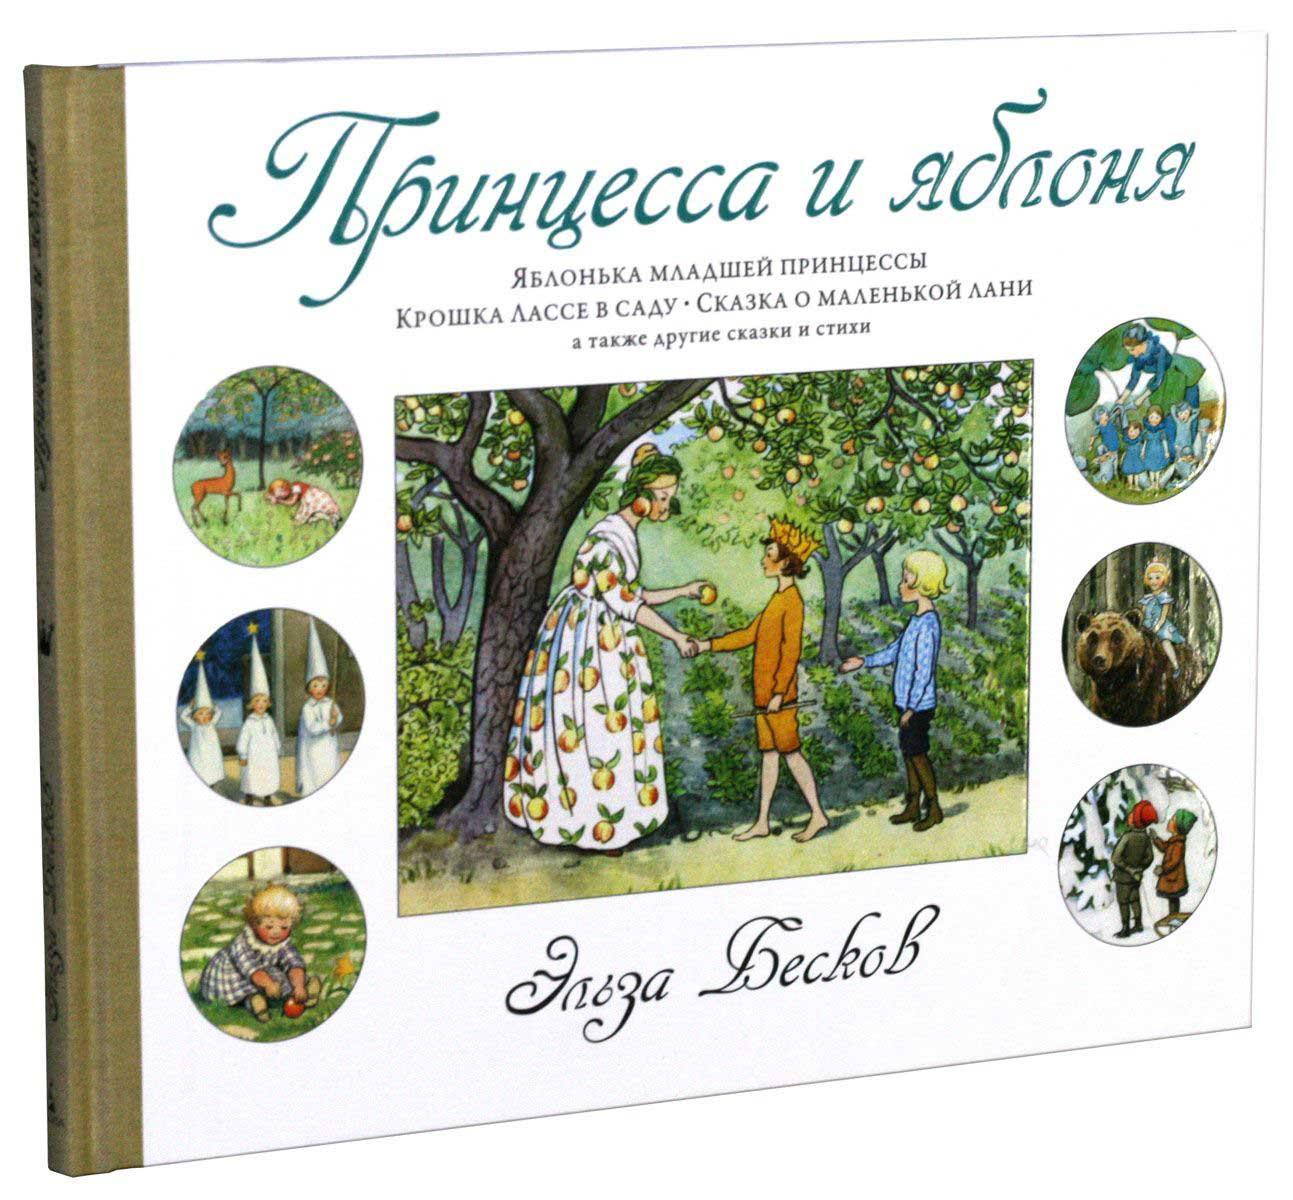 Книга Принцесса и яблоня Бесков Э.Хрестоматии и сборники<br>Книга Принцесса и яблоня Бесков Э.<br>